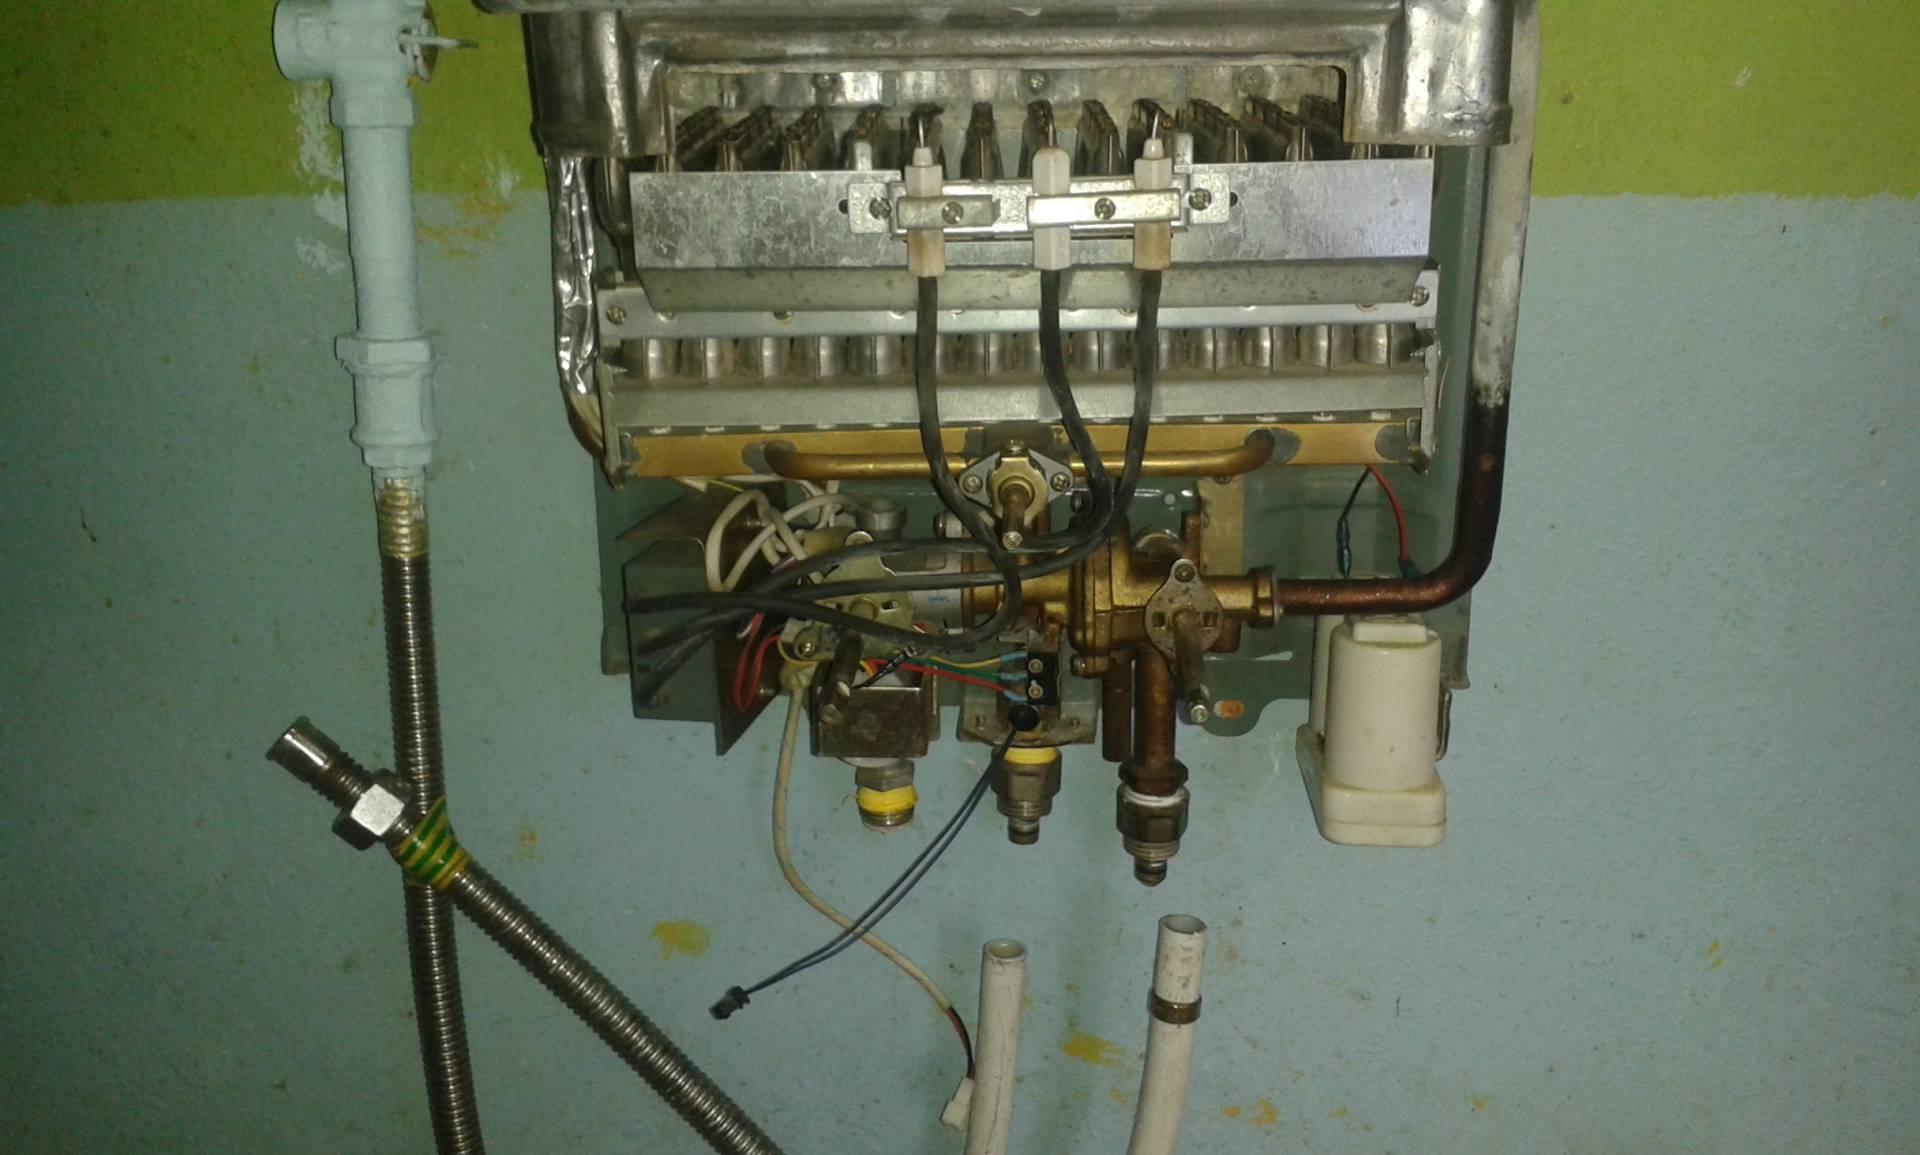 Ремонт газовых колонок на дому: пошаговые инструкции для решения наиболее распространённых проблем